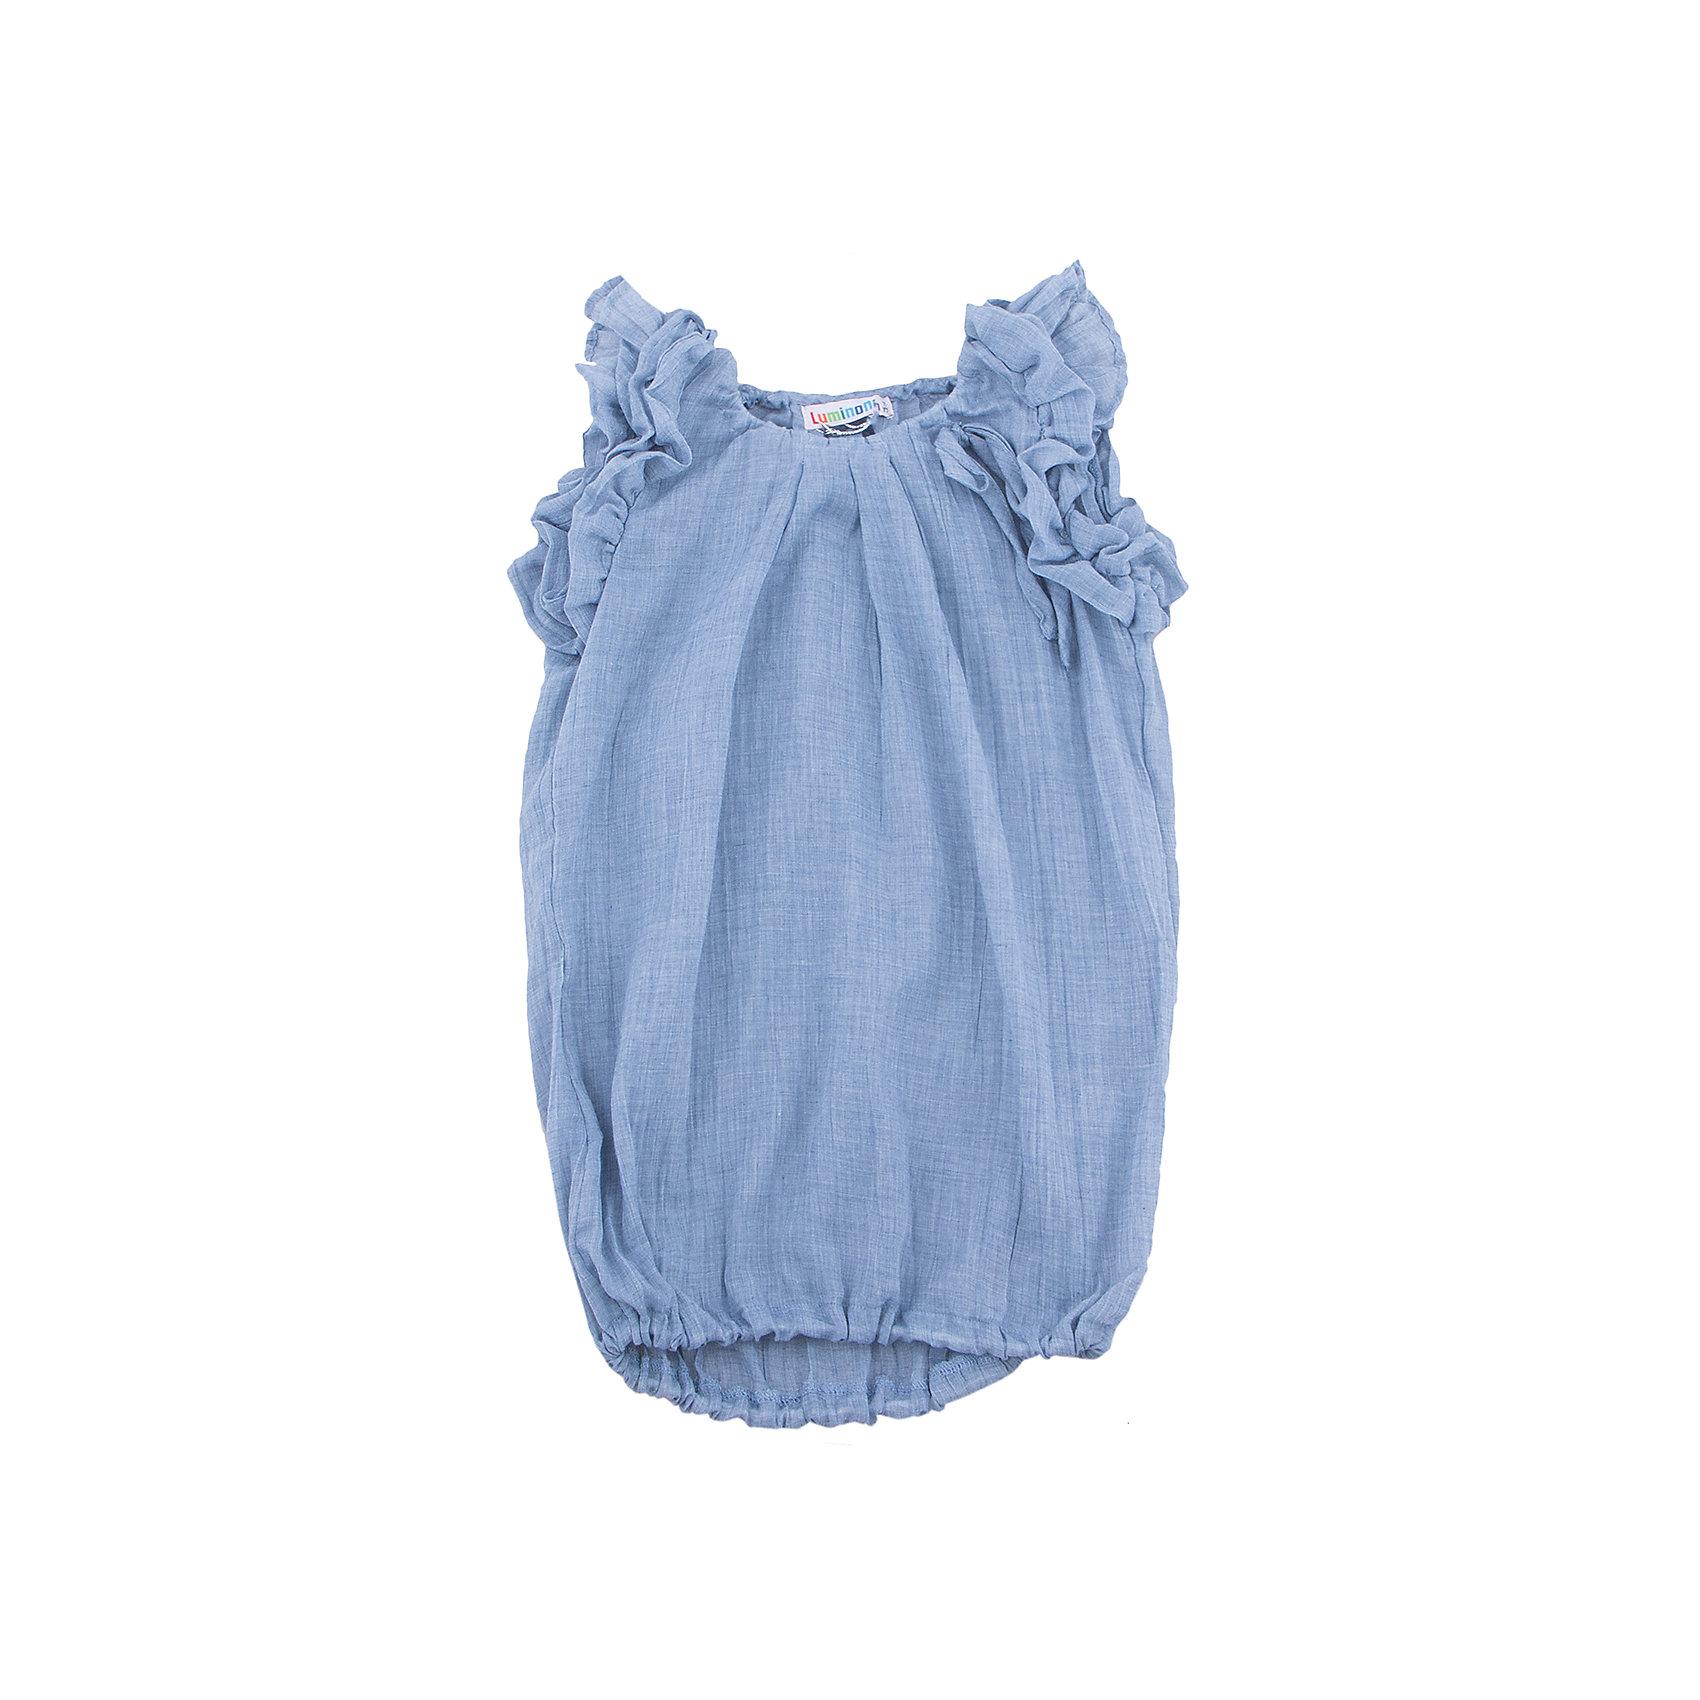 Блузка для девочки LuminosoБлузки и рубашки<br>Блузка для девочки из меланжевого хлопка, удлиненного силуэта, рукава украшены рюшами, низ на резинке.<br>Состав:<br>100% хлопок<br><br>Ширина мм: 186<br>Глубина мм: 87<br>Высота мм: 198<br>Вес г: 197<br>Цвет: голубой<br>Возраст от месяцев: 120<br>Возраст до месяцев: 132<br>Пол: Женский<br>Возраст: Детский<br>Размер: 146,164,158,152,134,140<br>SKU: 4521765